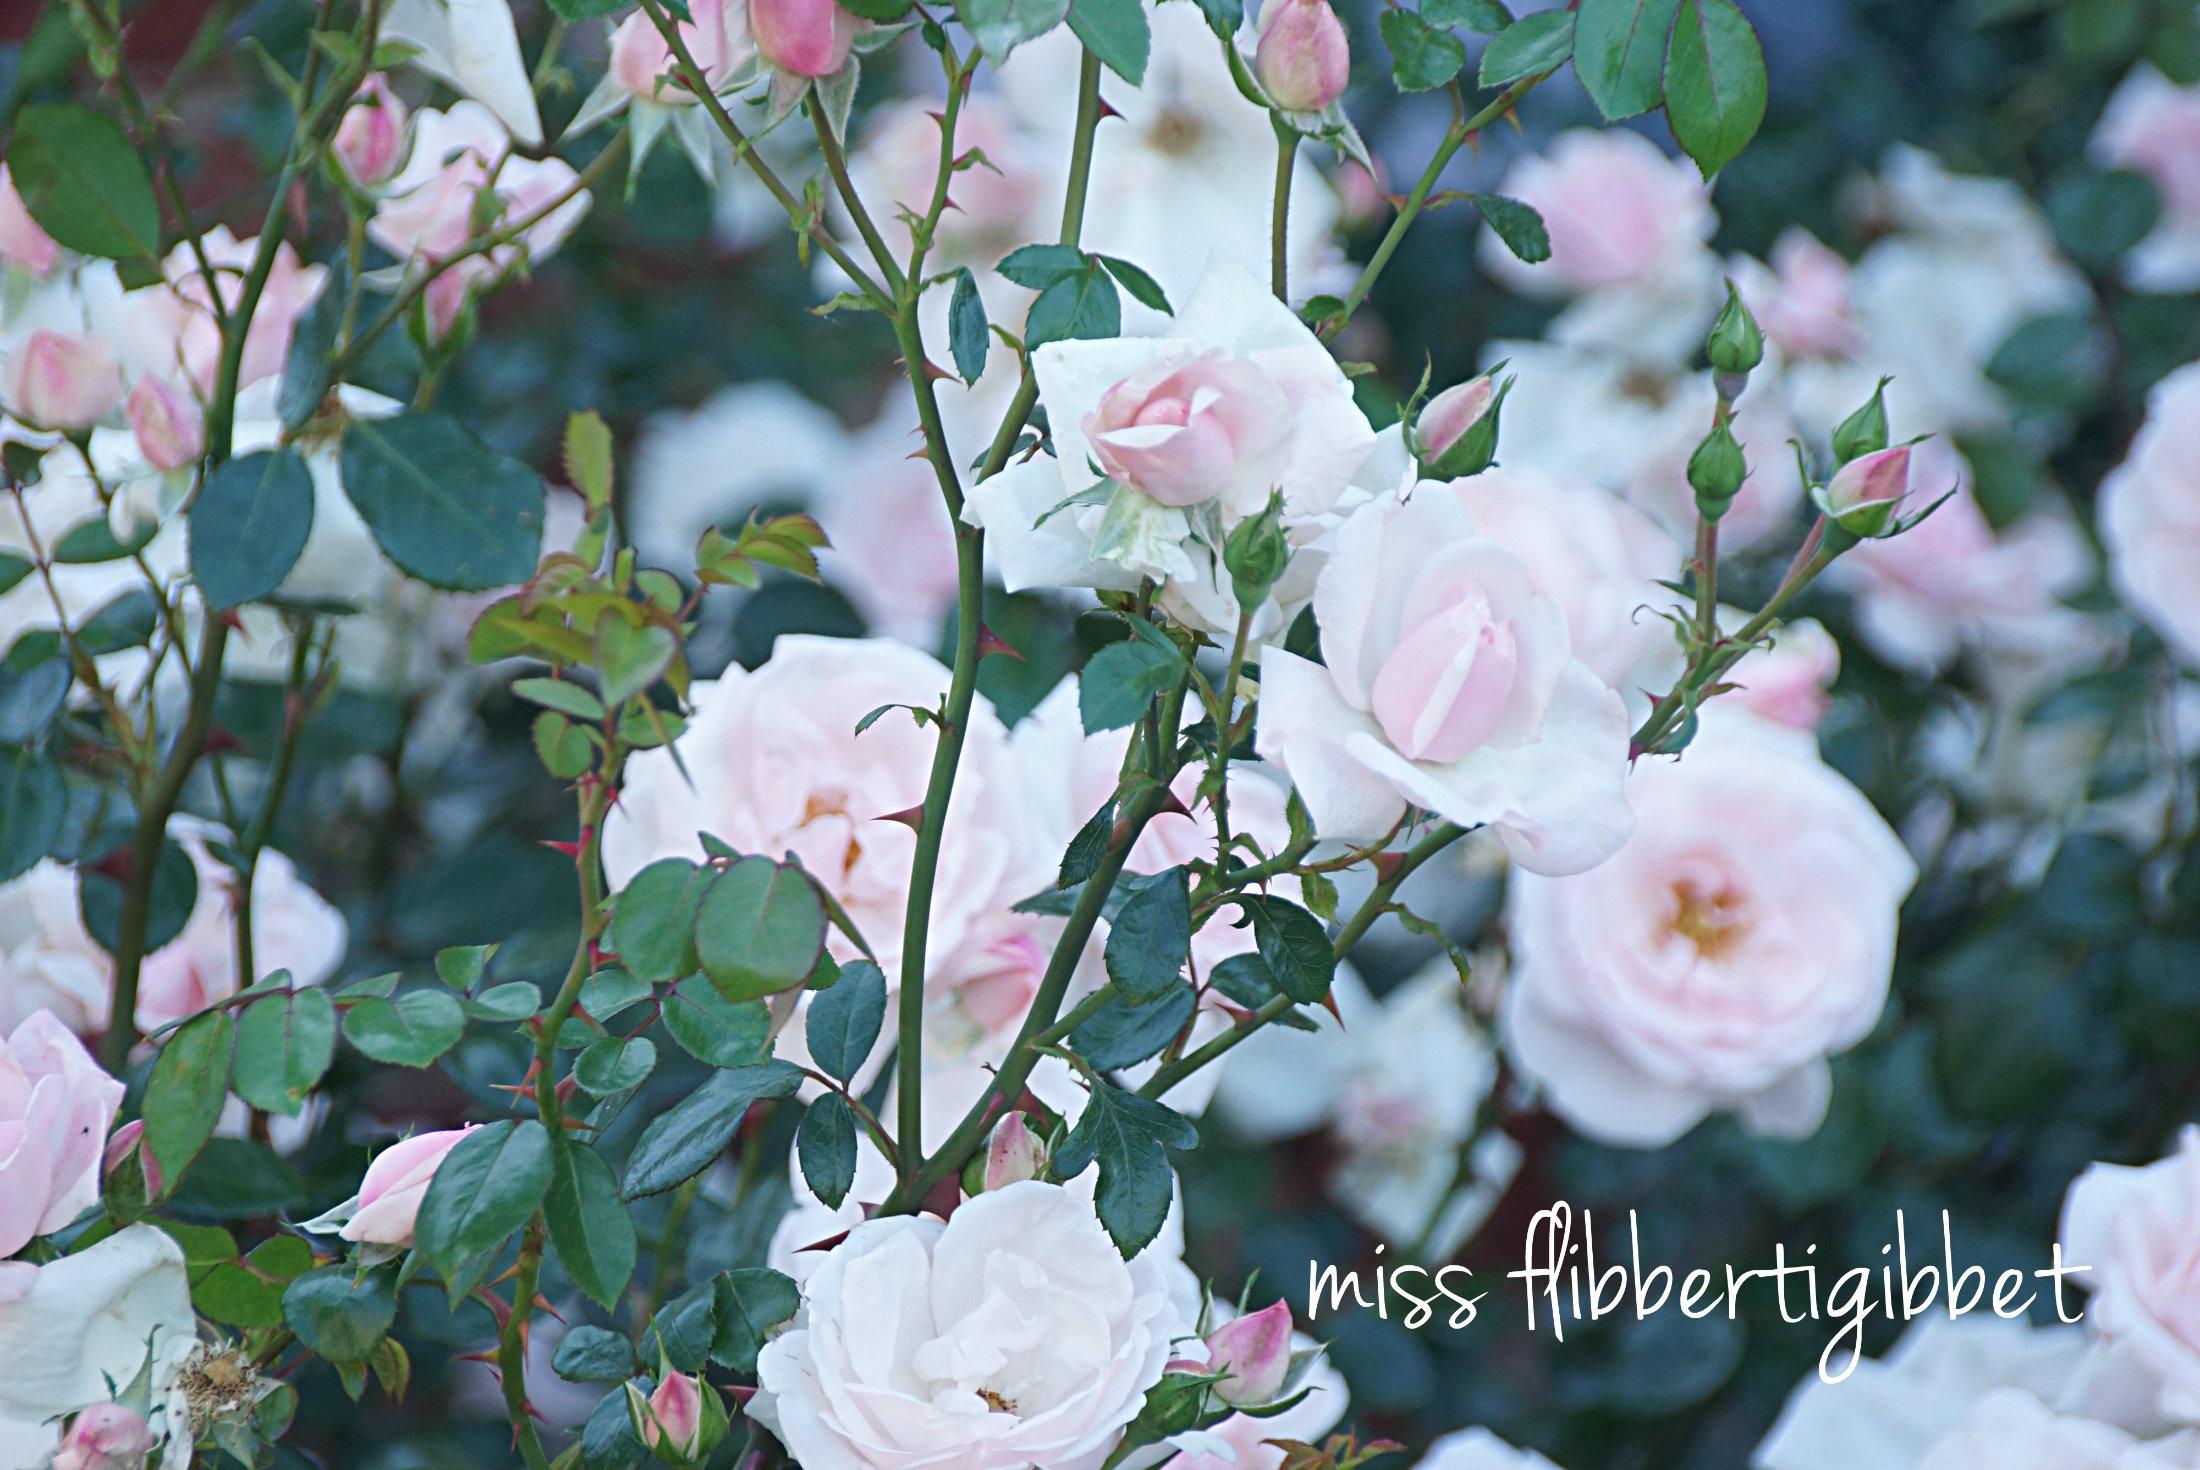 Antique Roses - Miss Flibbertigibbet